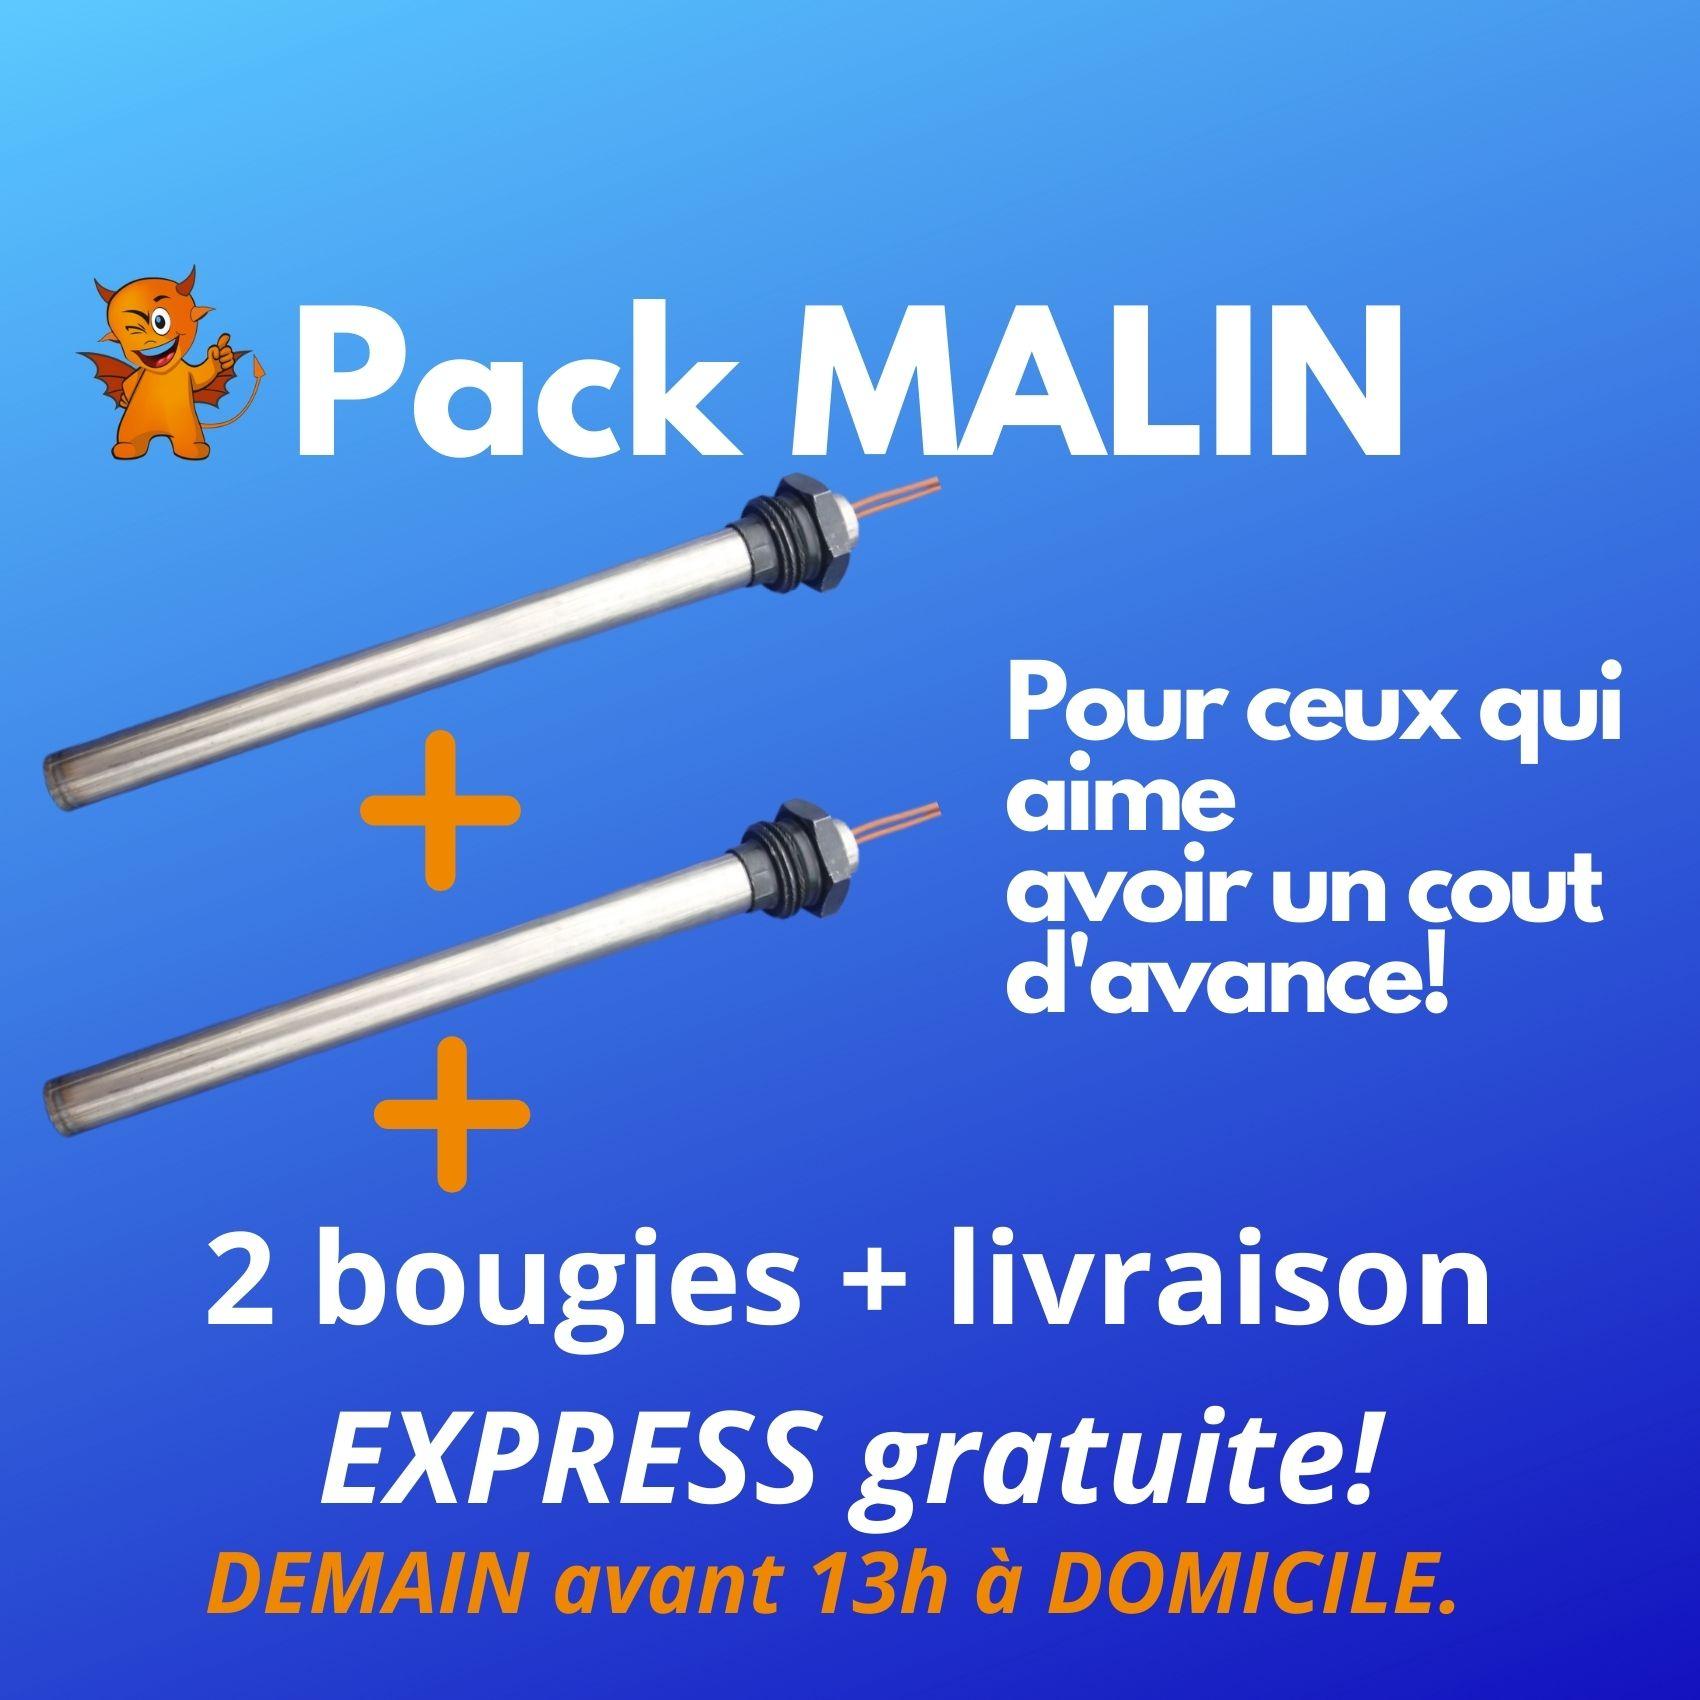 PACK MALIN : 2 BOUGIES + livraison express demain avant 13h en RELAIS, GRATUITE !